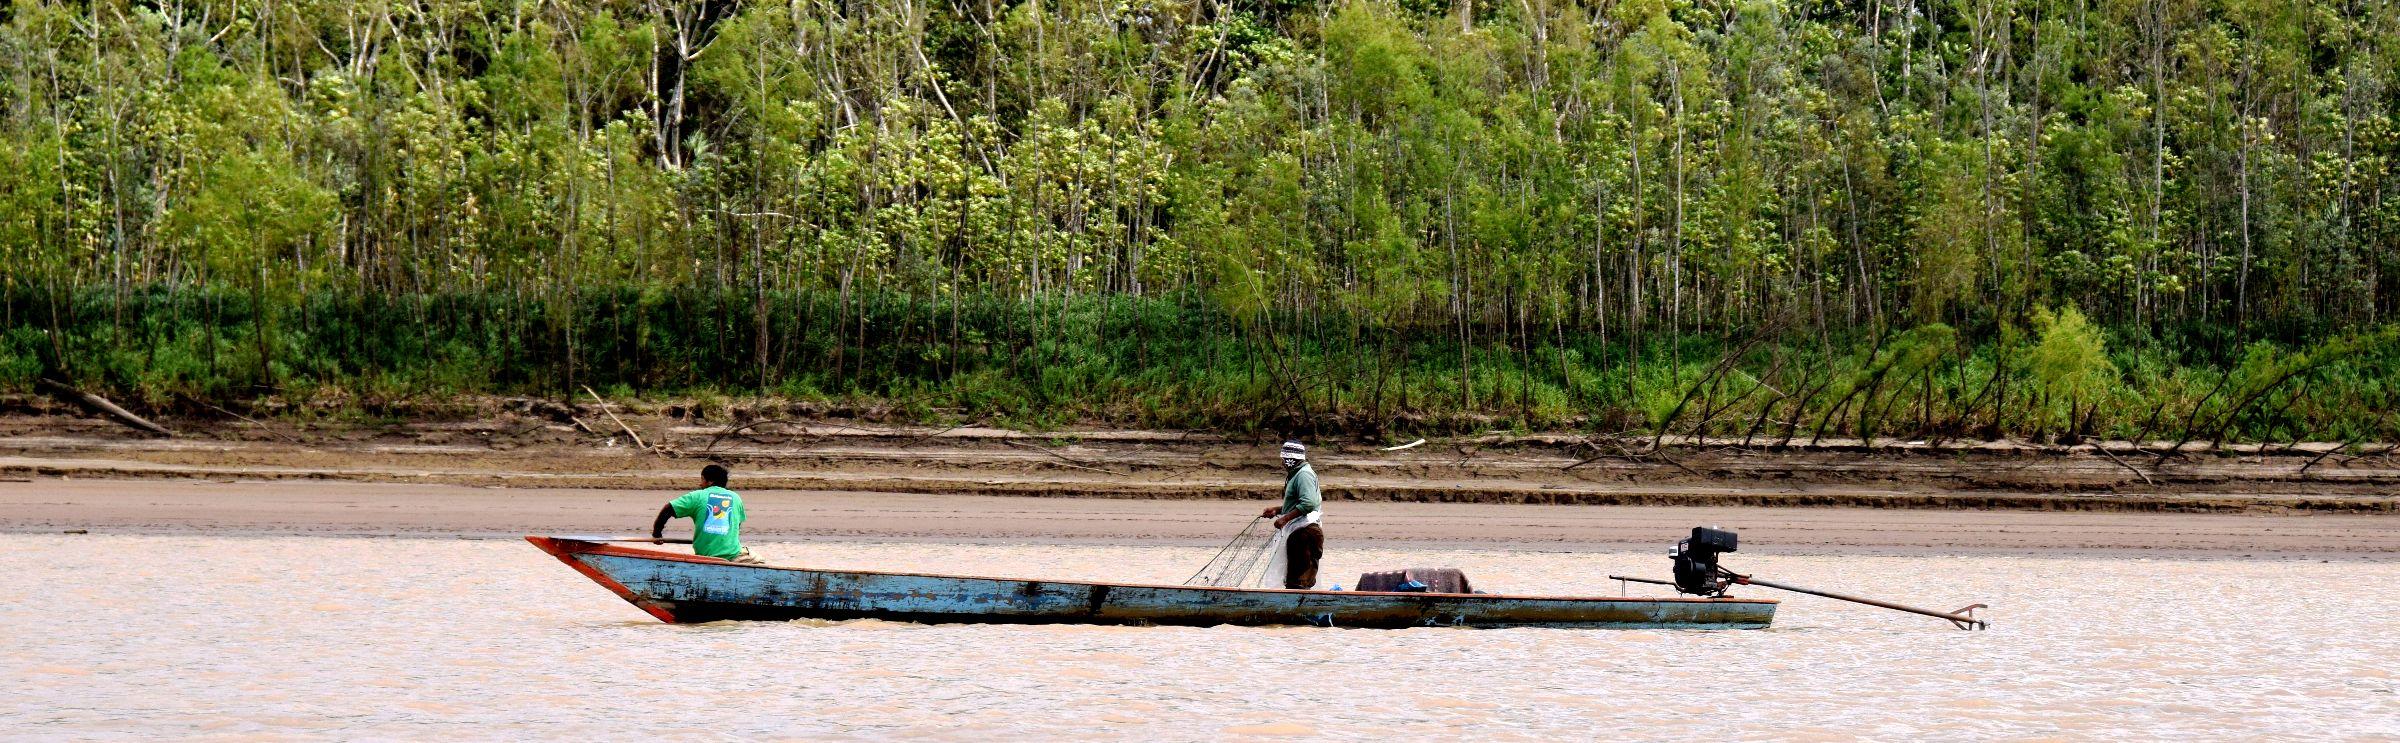 4x4 in Peru viaggio sud e amazzonia